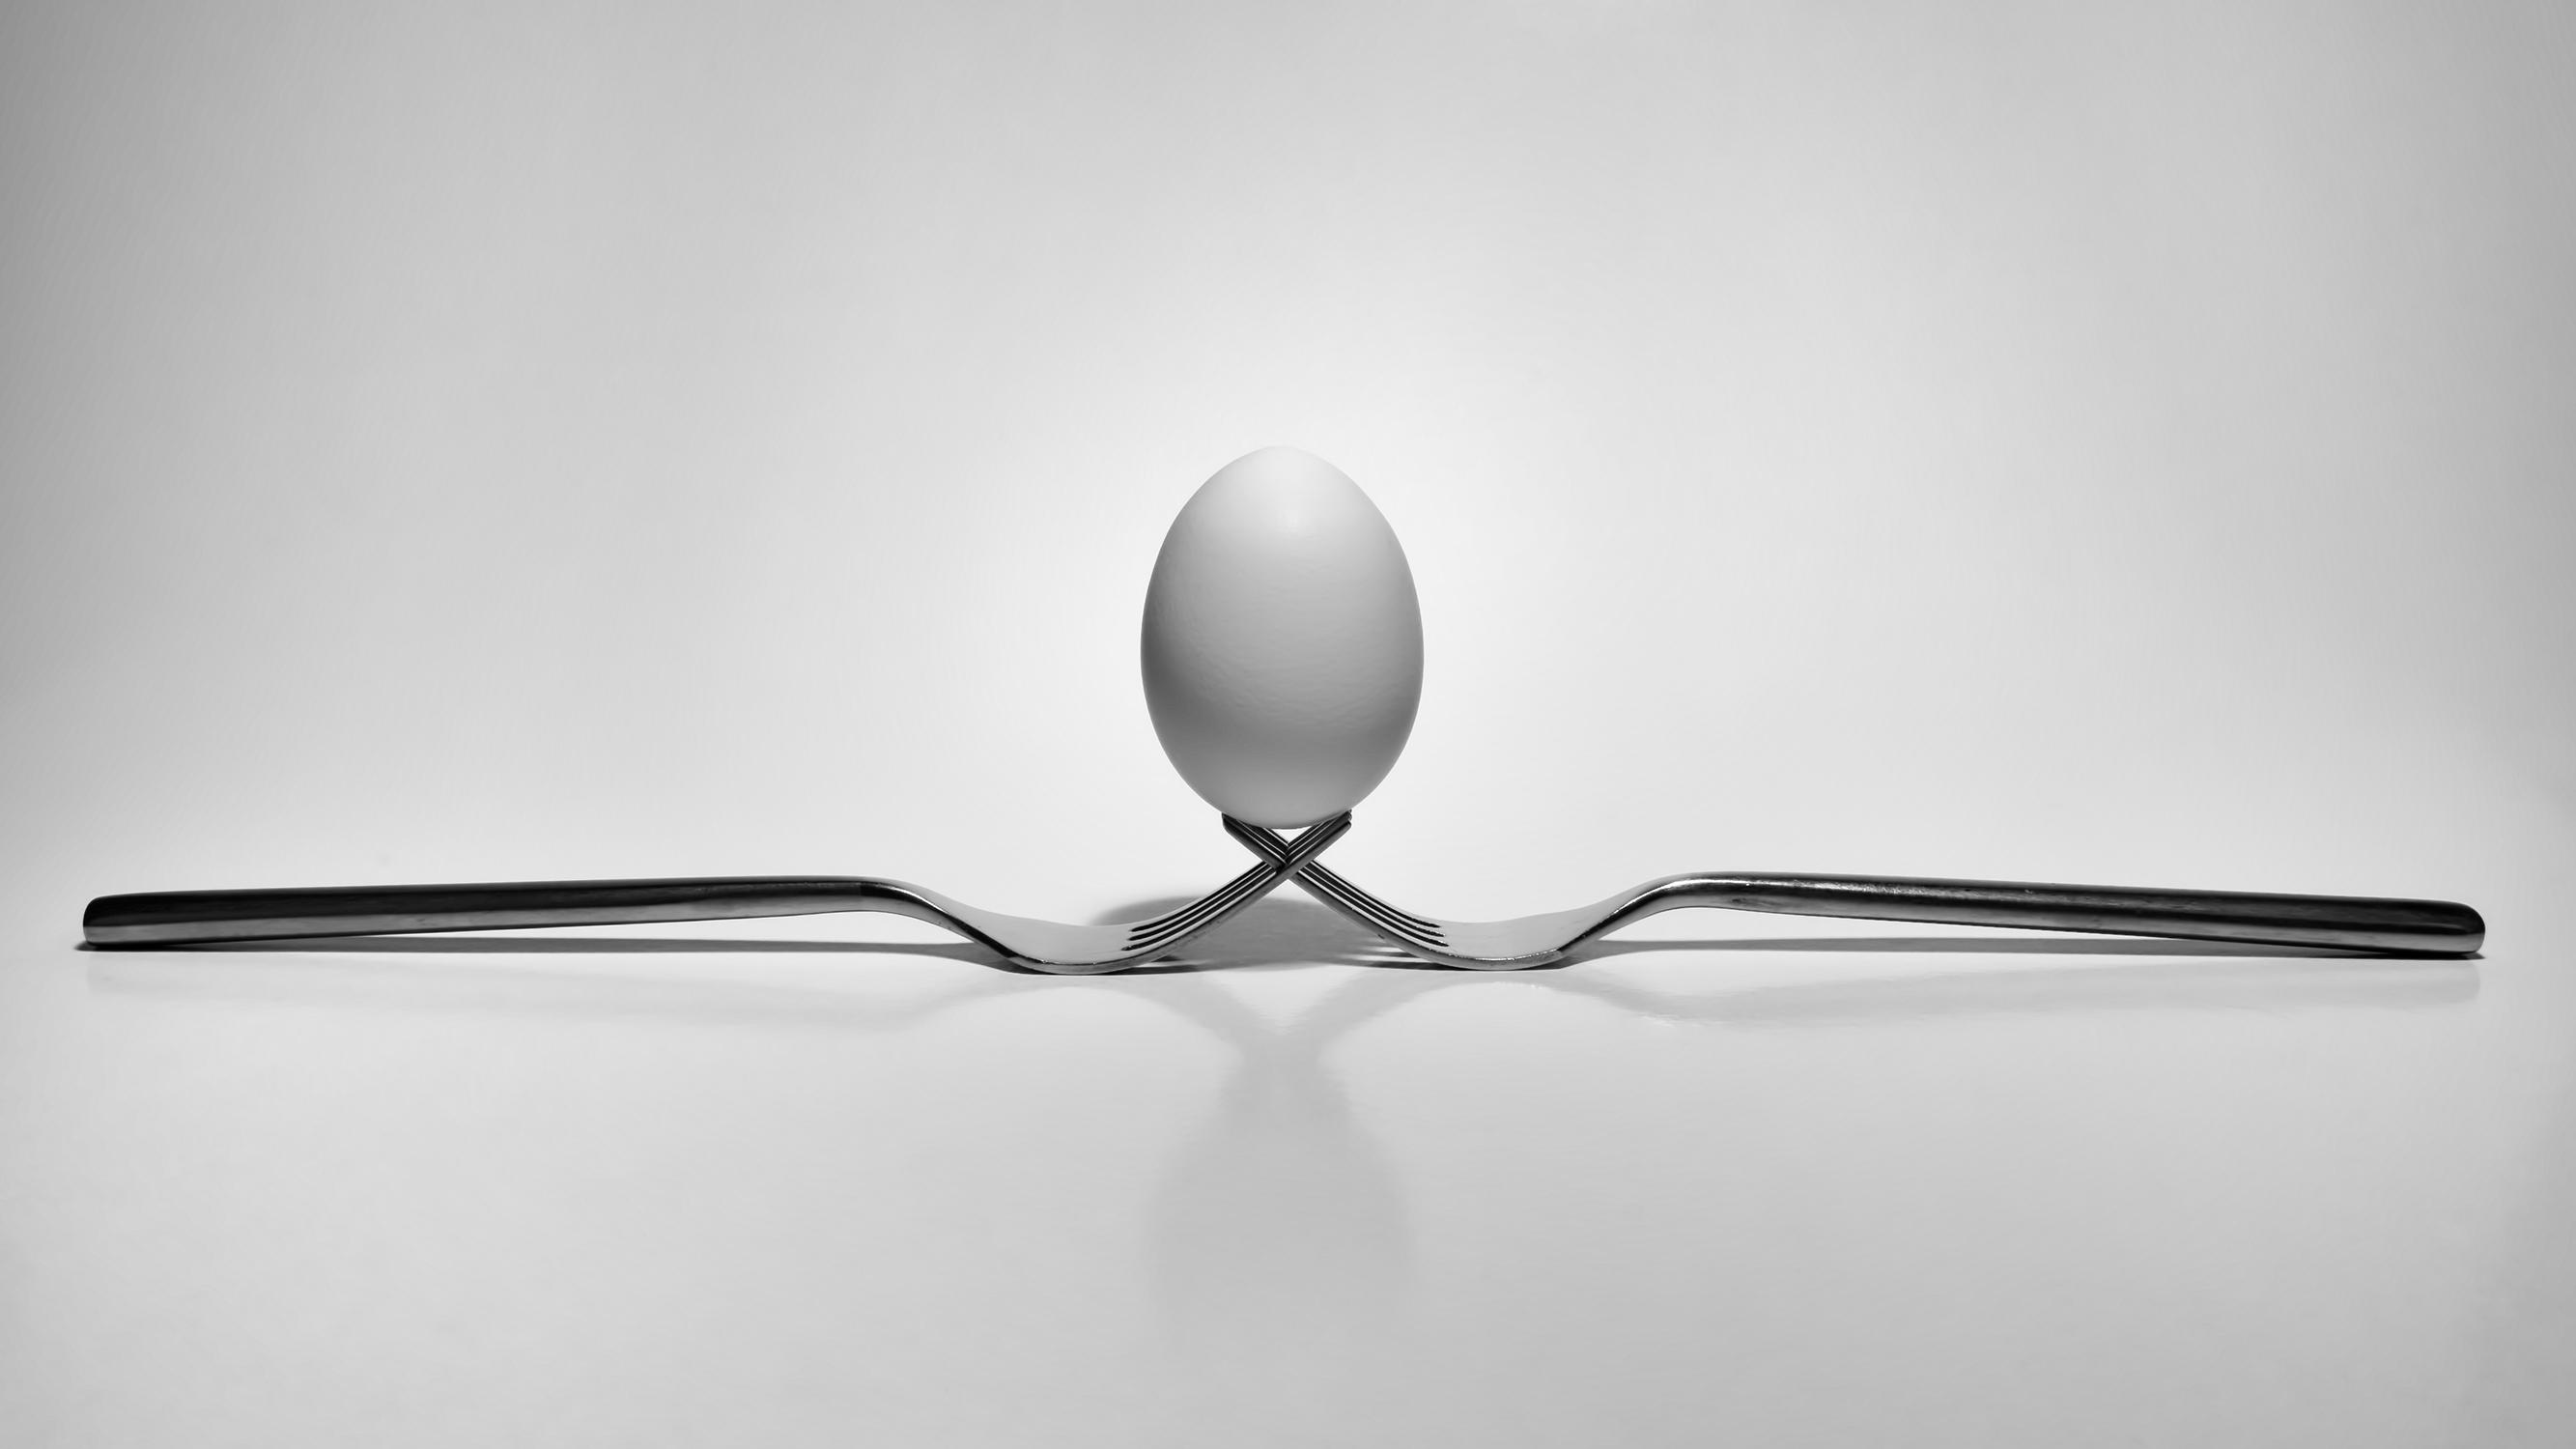 vejce na vidličkách od Jan Stojan Photography ©